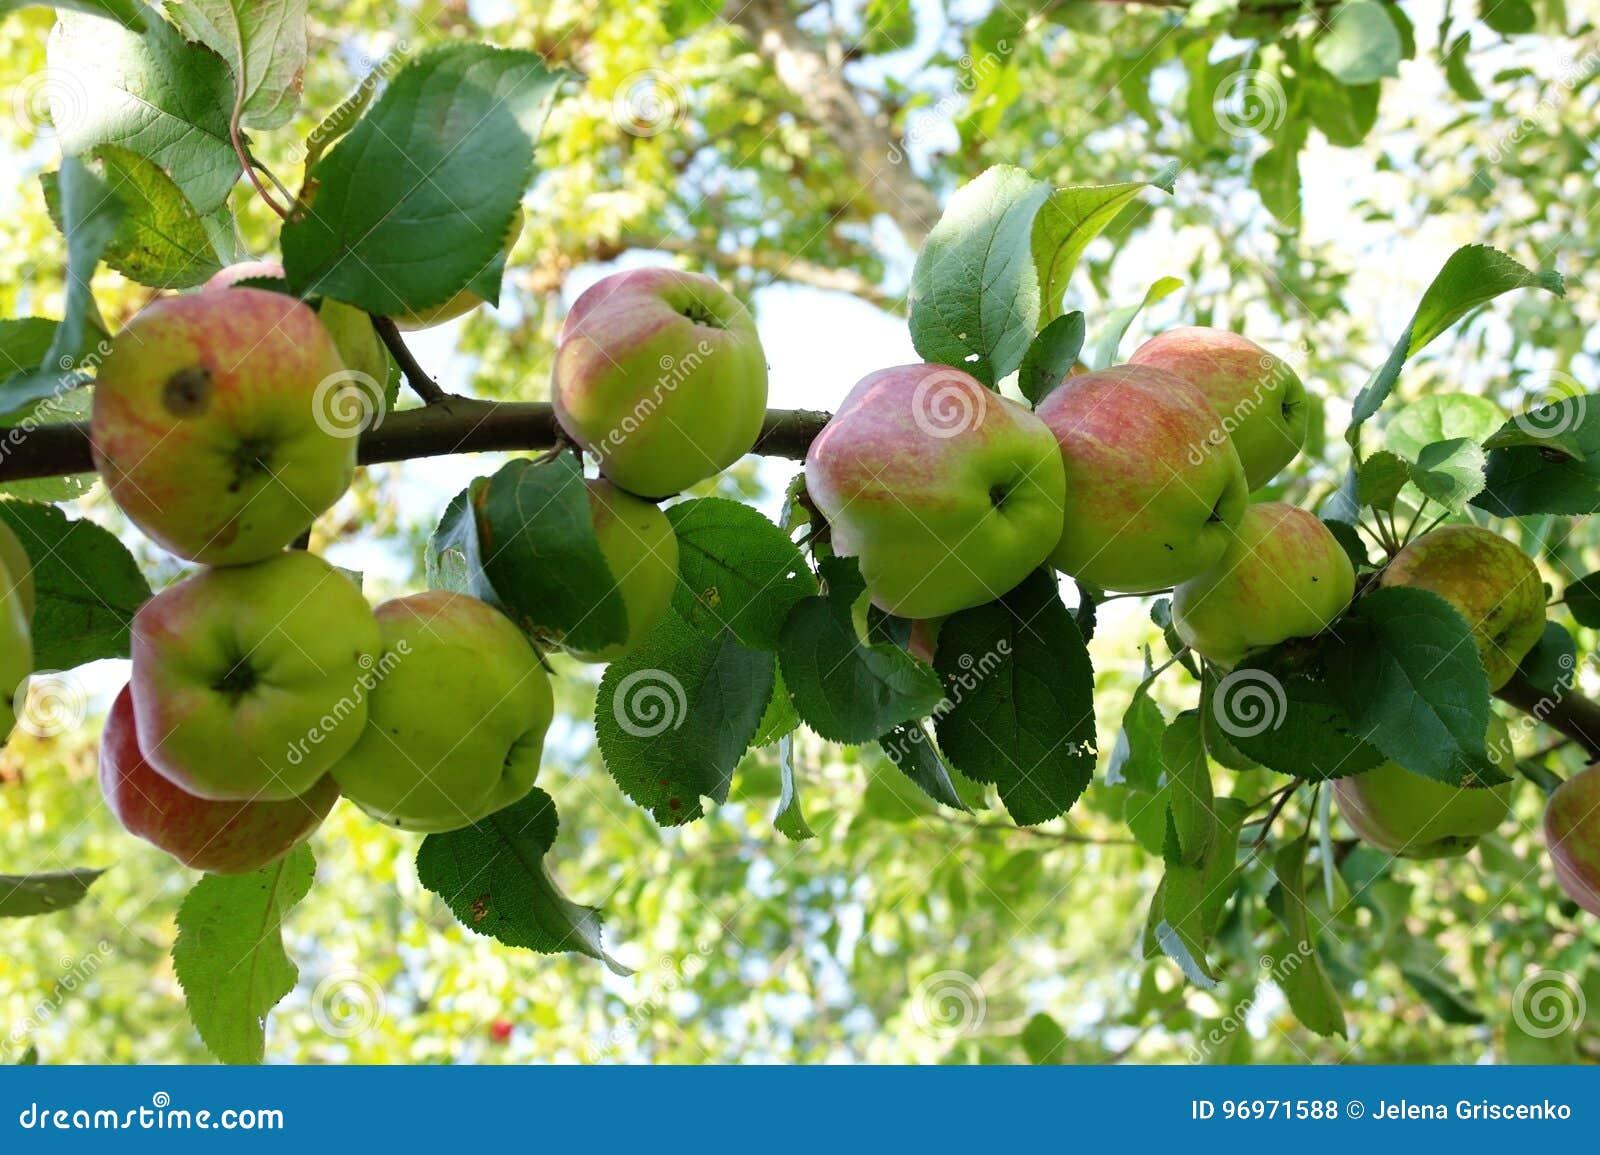 Grande ramo da árvore de maçã com muitas maçãs verdes